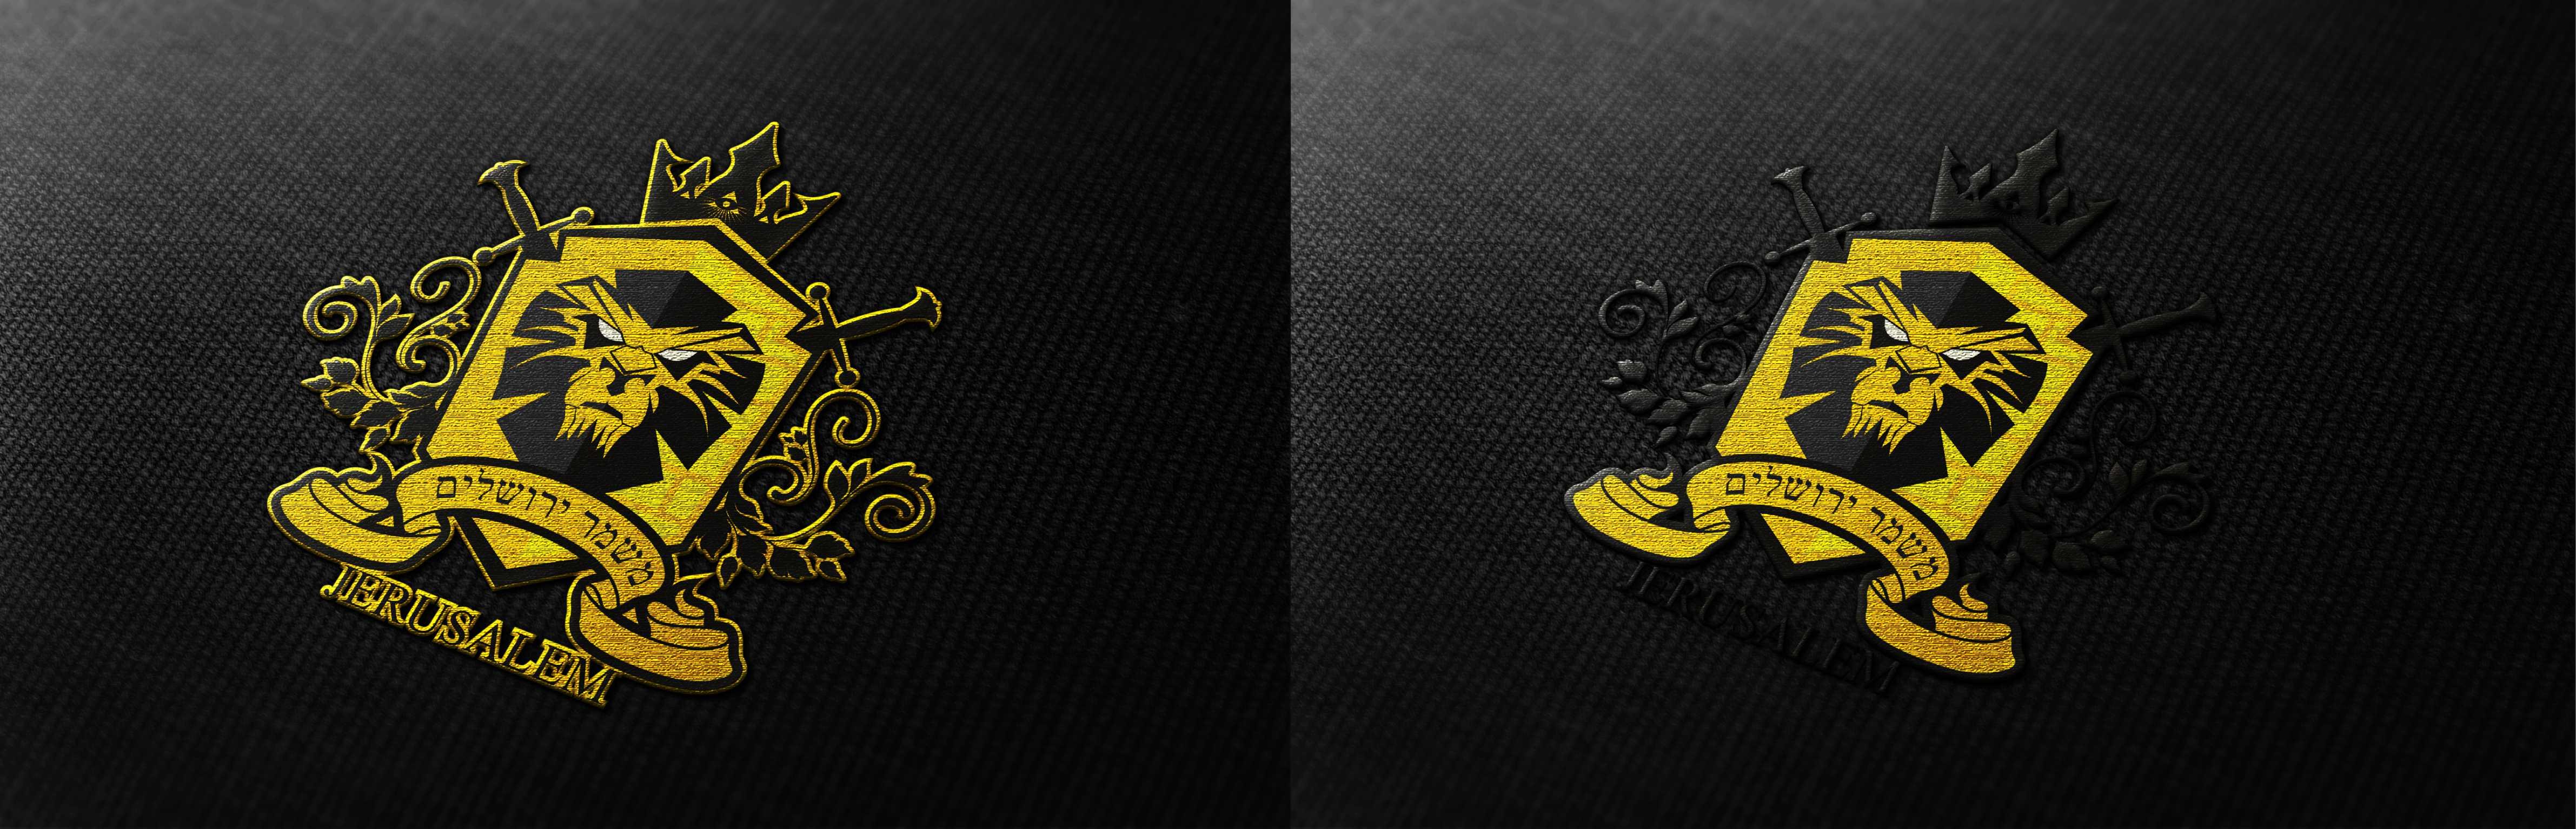 Разработка логотипа. Компания Страж Иерусалима фото f_73151f0e4eac7164.jpg